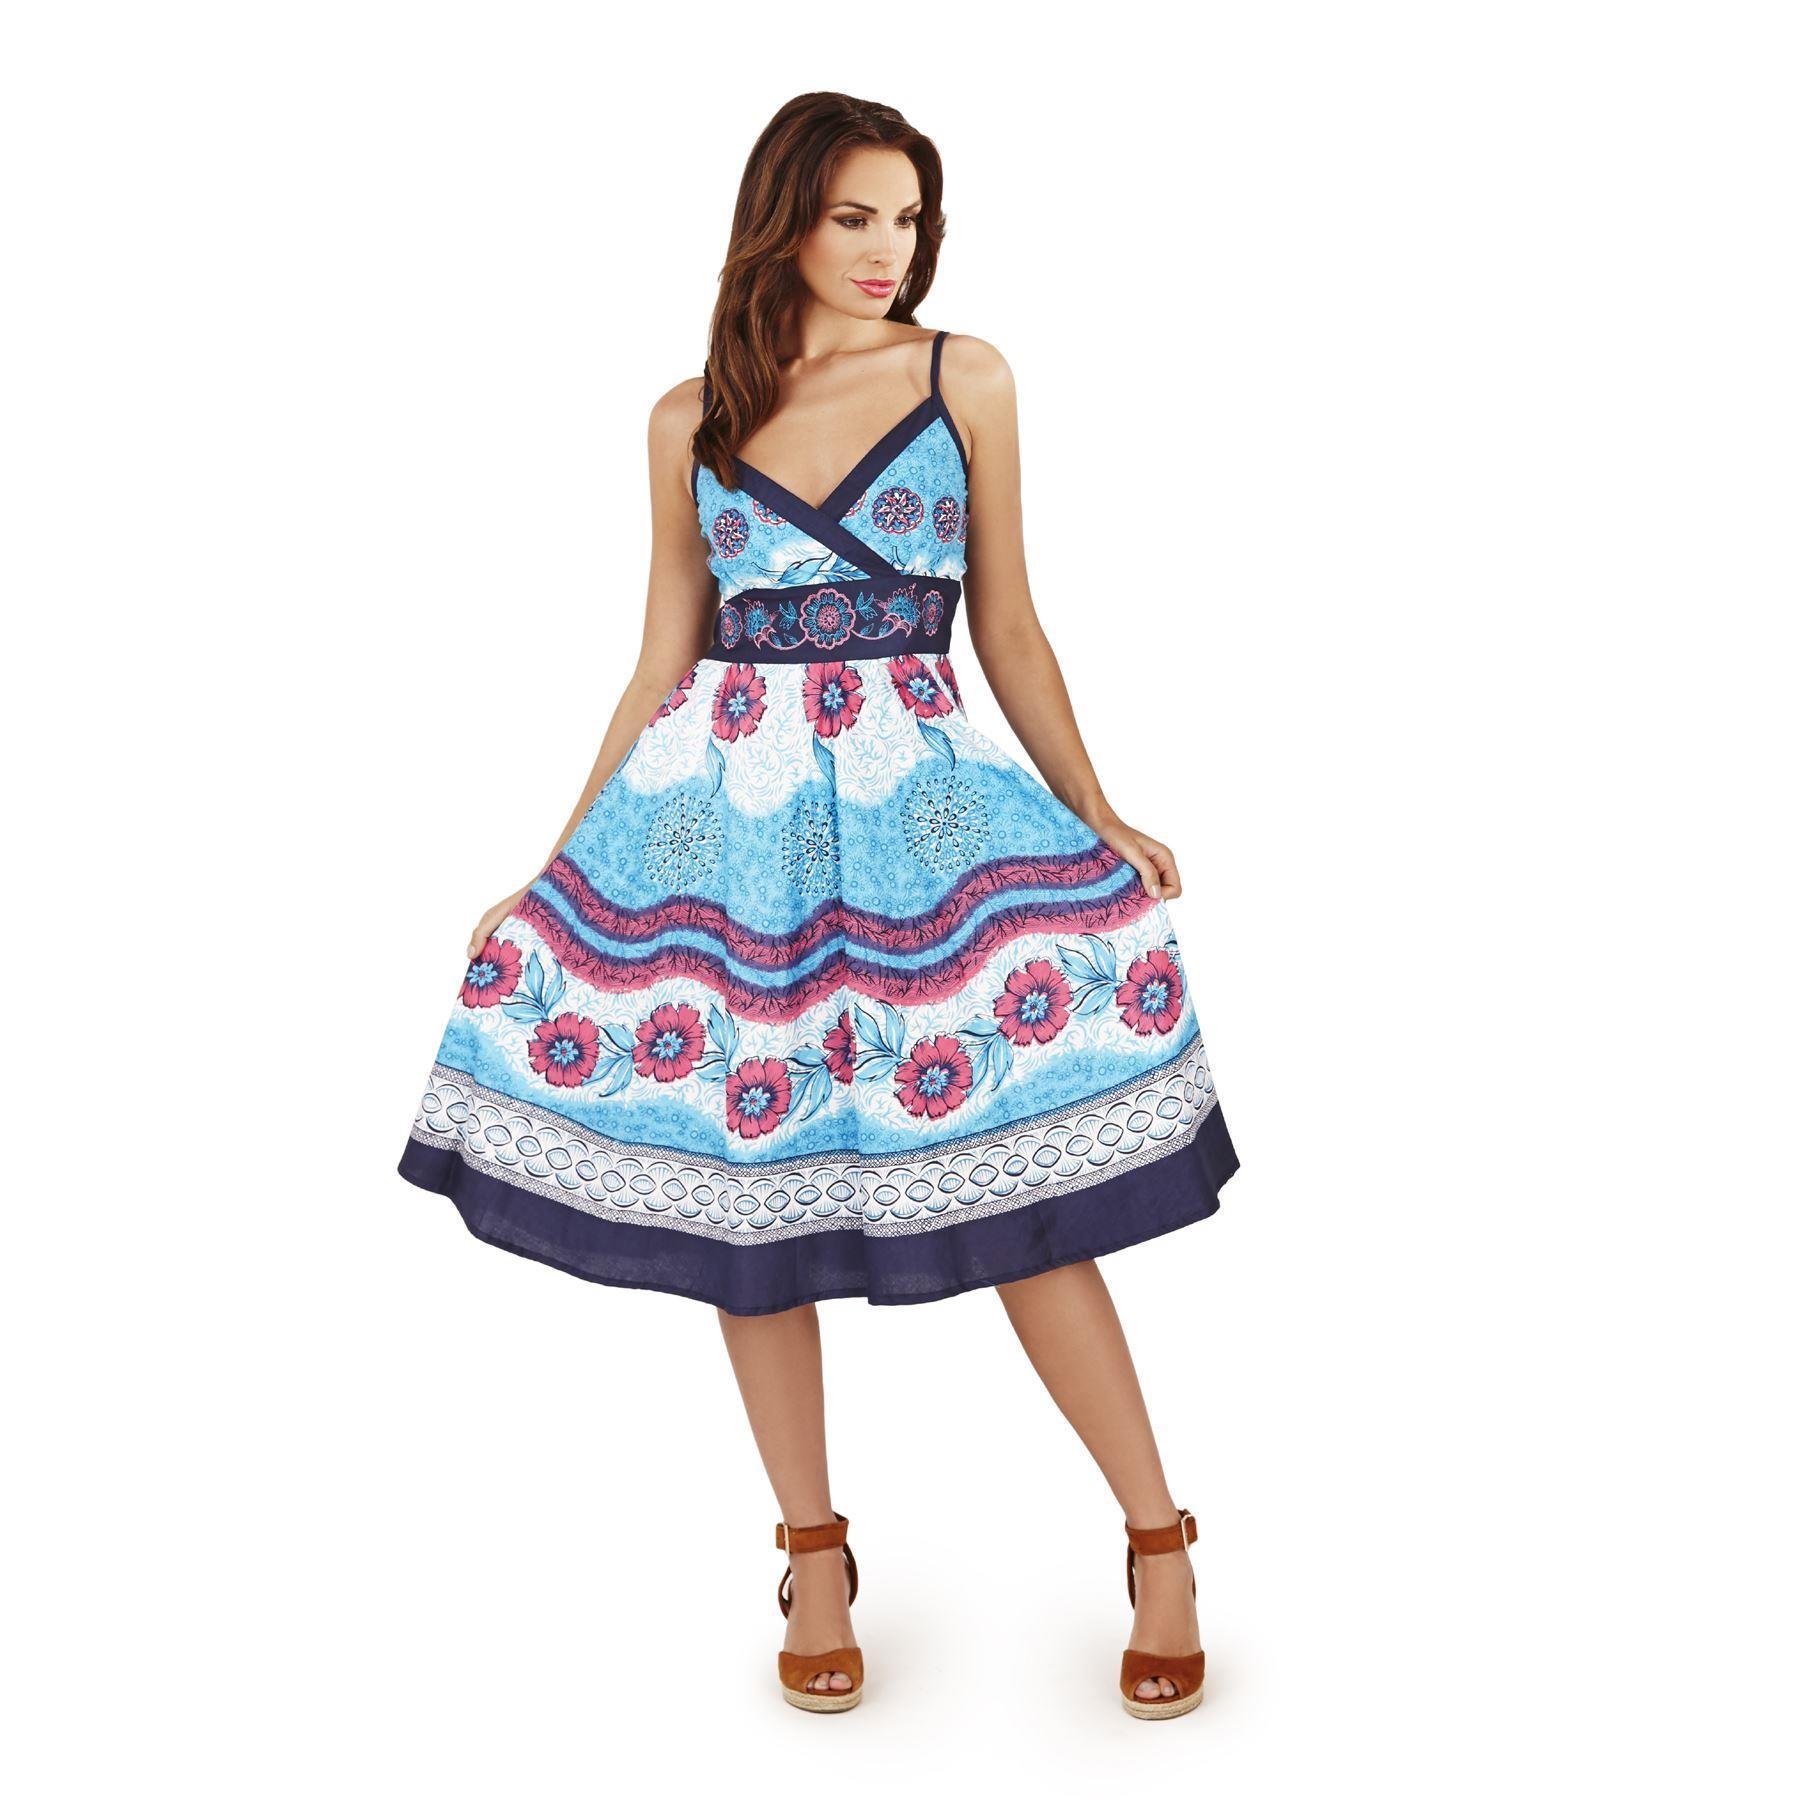 Pistachio Floral Crossover Dress - Blue